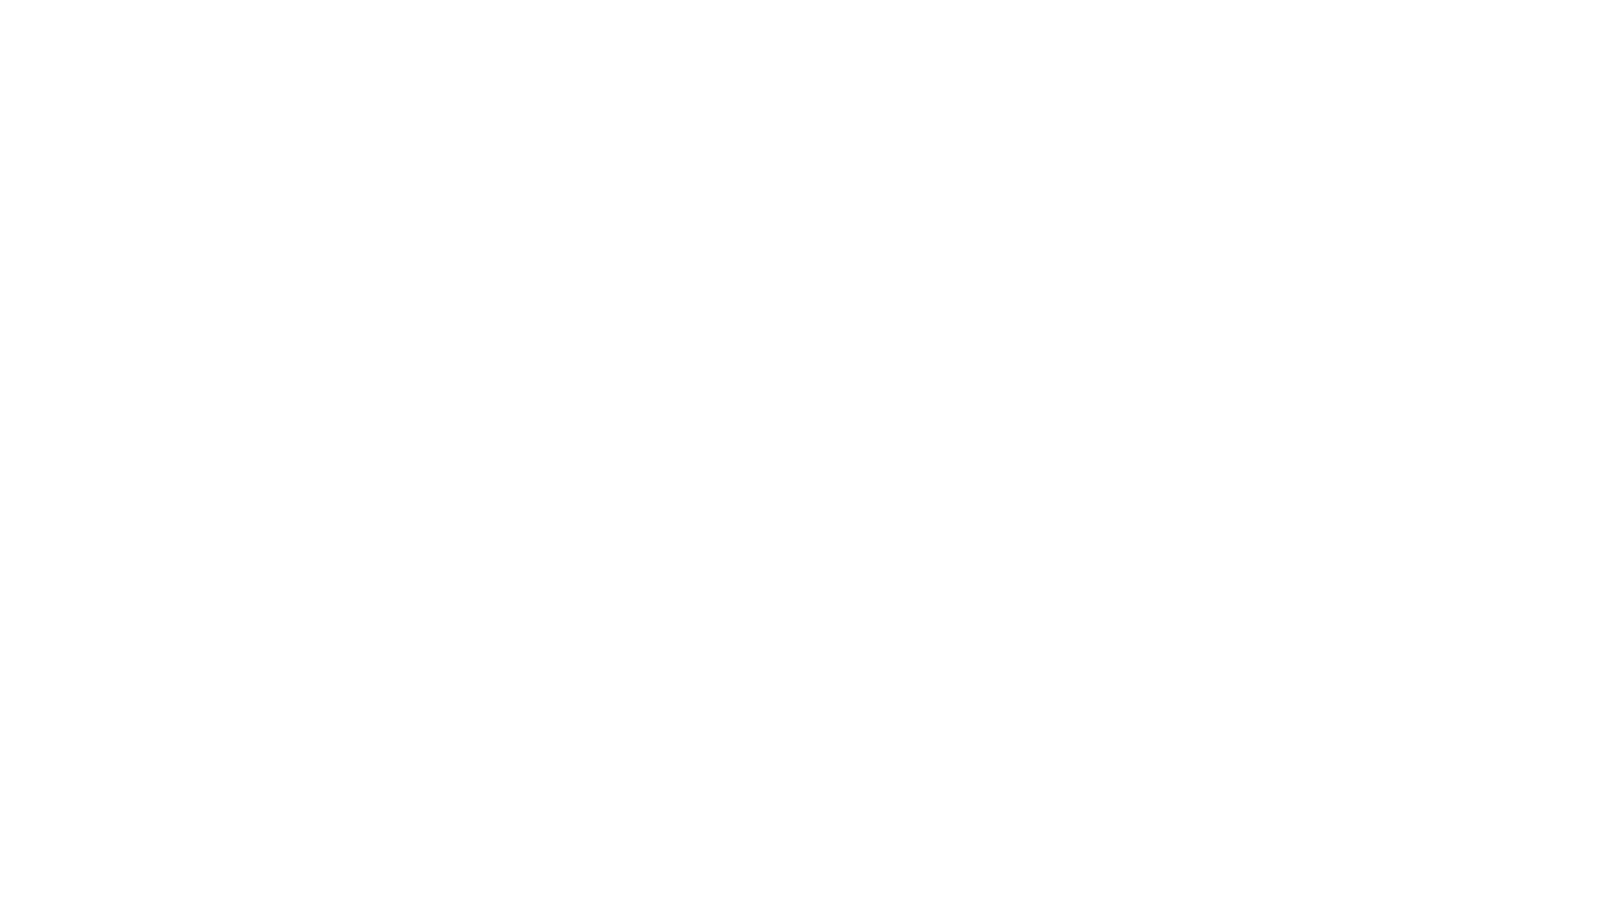 Tôm Sốt Thái Ngon Tê Tái - Cách Làm Sốt Siêu Ngon 👋 BepXua là một kênh chuyên về ẩm thực cung cấp tất cả những thông tin hữu ích xoay quanh ẩm thực, những mẹo nhỏ trong nấu ăn của tất cả các vùng miền. Các video đều được dàn dựng một cách tự nhiên, là nhịp cầu cung cấp vốn tri thức ẩm thực của các vùng miền.  👉 Shop BepXua: https://bepxua.vn/shop - Chuyên bán dụng cụ nhà bếp thường được sử dụng trong các video nấu ăn.  👉 Theo dõi BepXua: - Facebook: https://facebook.com/bepvietxua - TikTok: https://tiktok.com/@bepxua